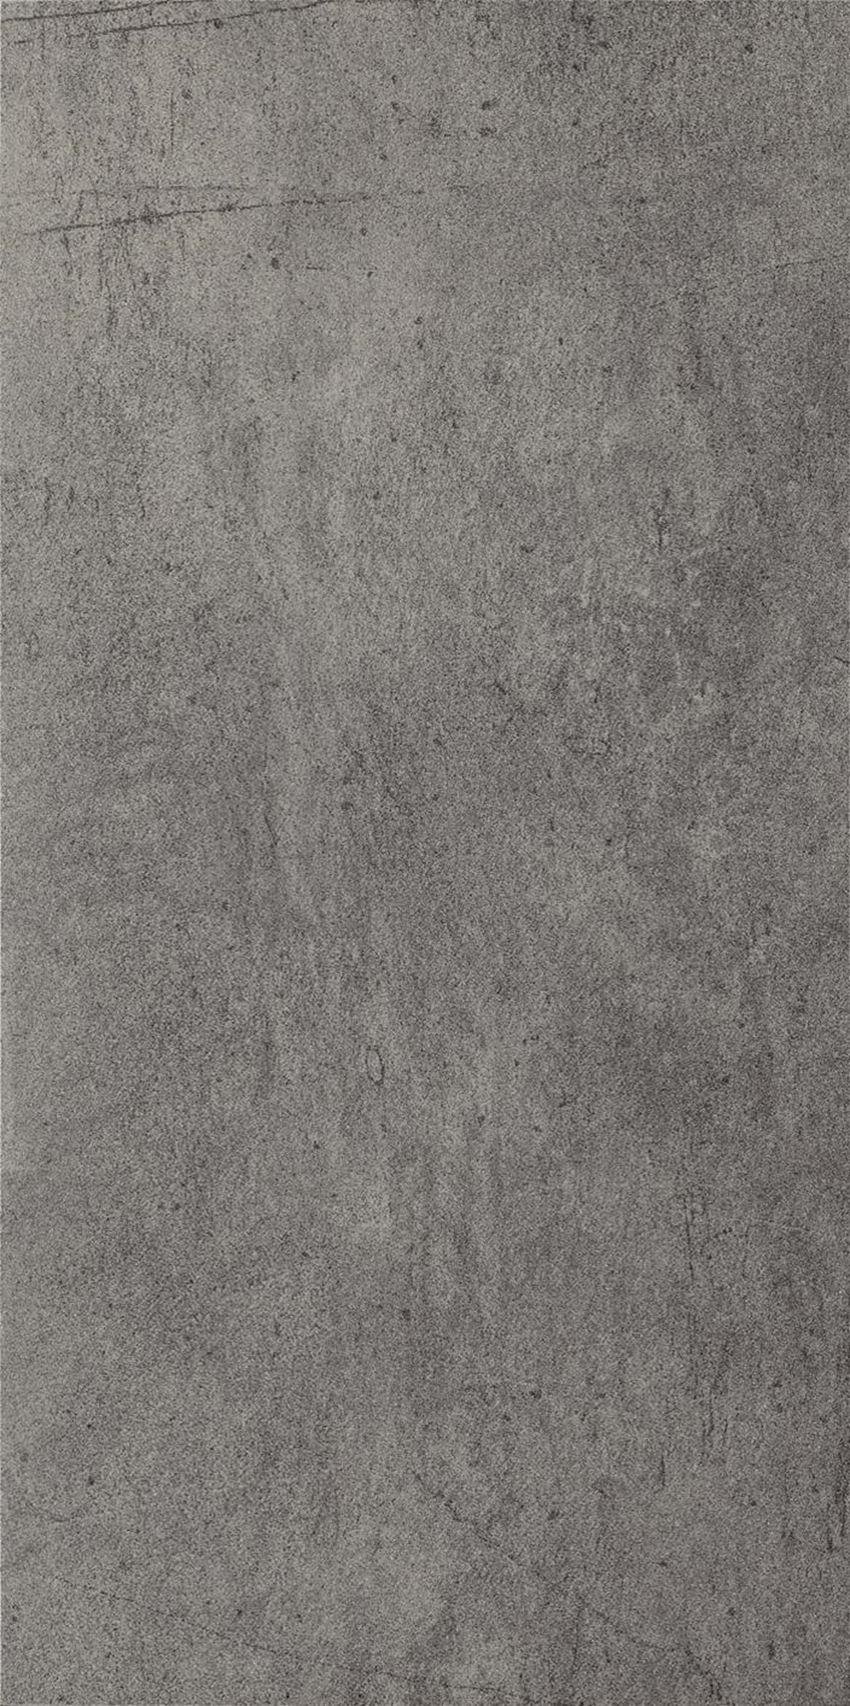 Płytka ścienno-podłogowa 29,8x59,8 cm Paradyż Taranto Grys Gres Szkl. Rekt. Mat